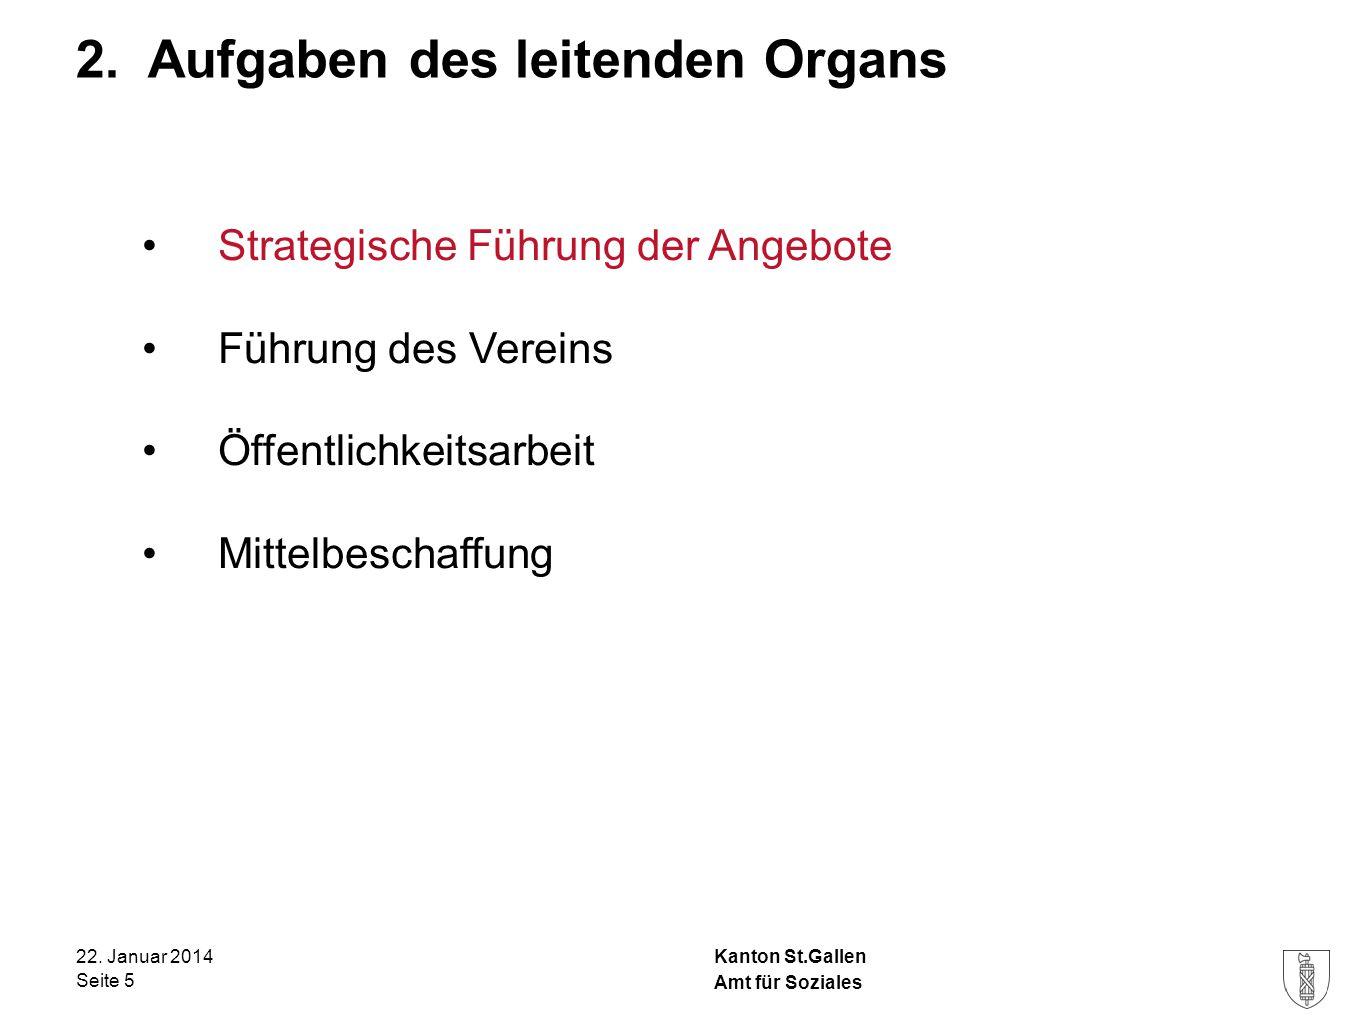 2. Aufgaben des leitenden Organs